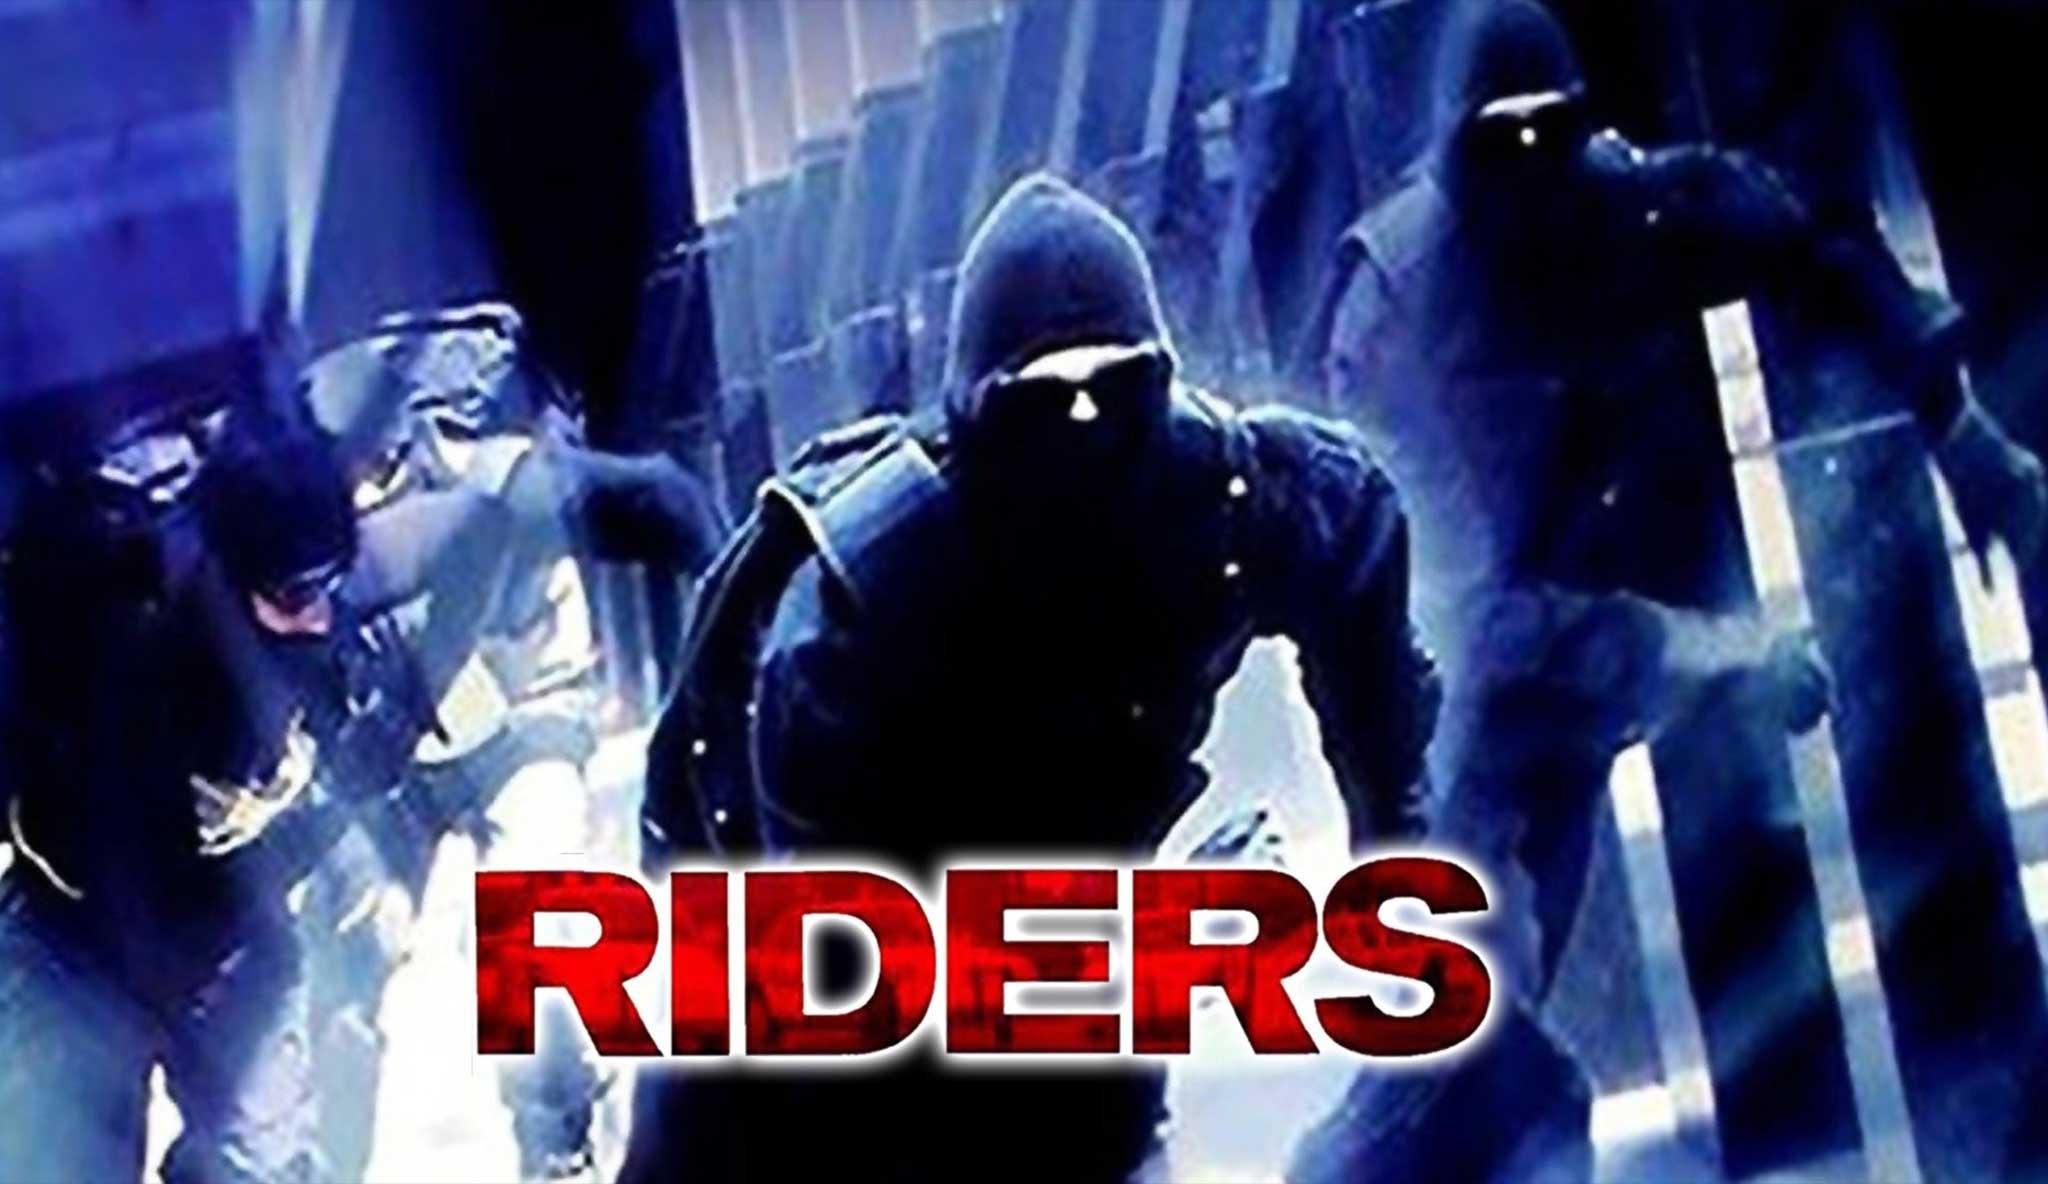 riders\header.jpg